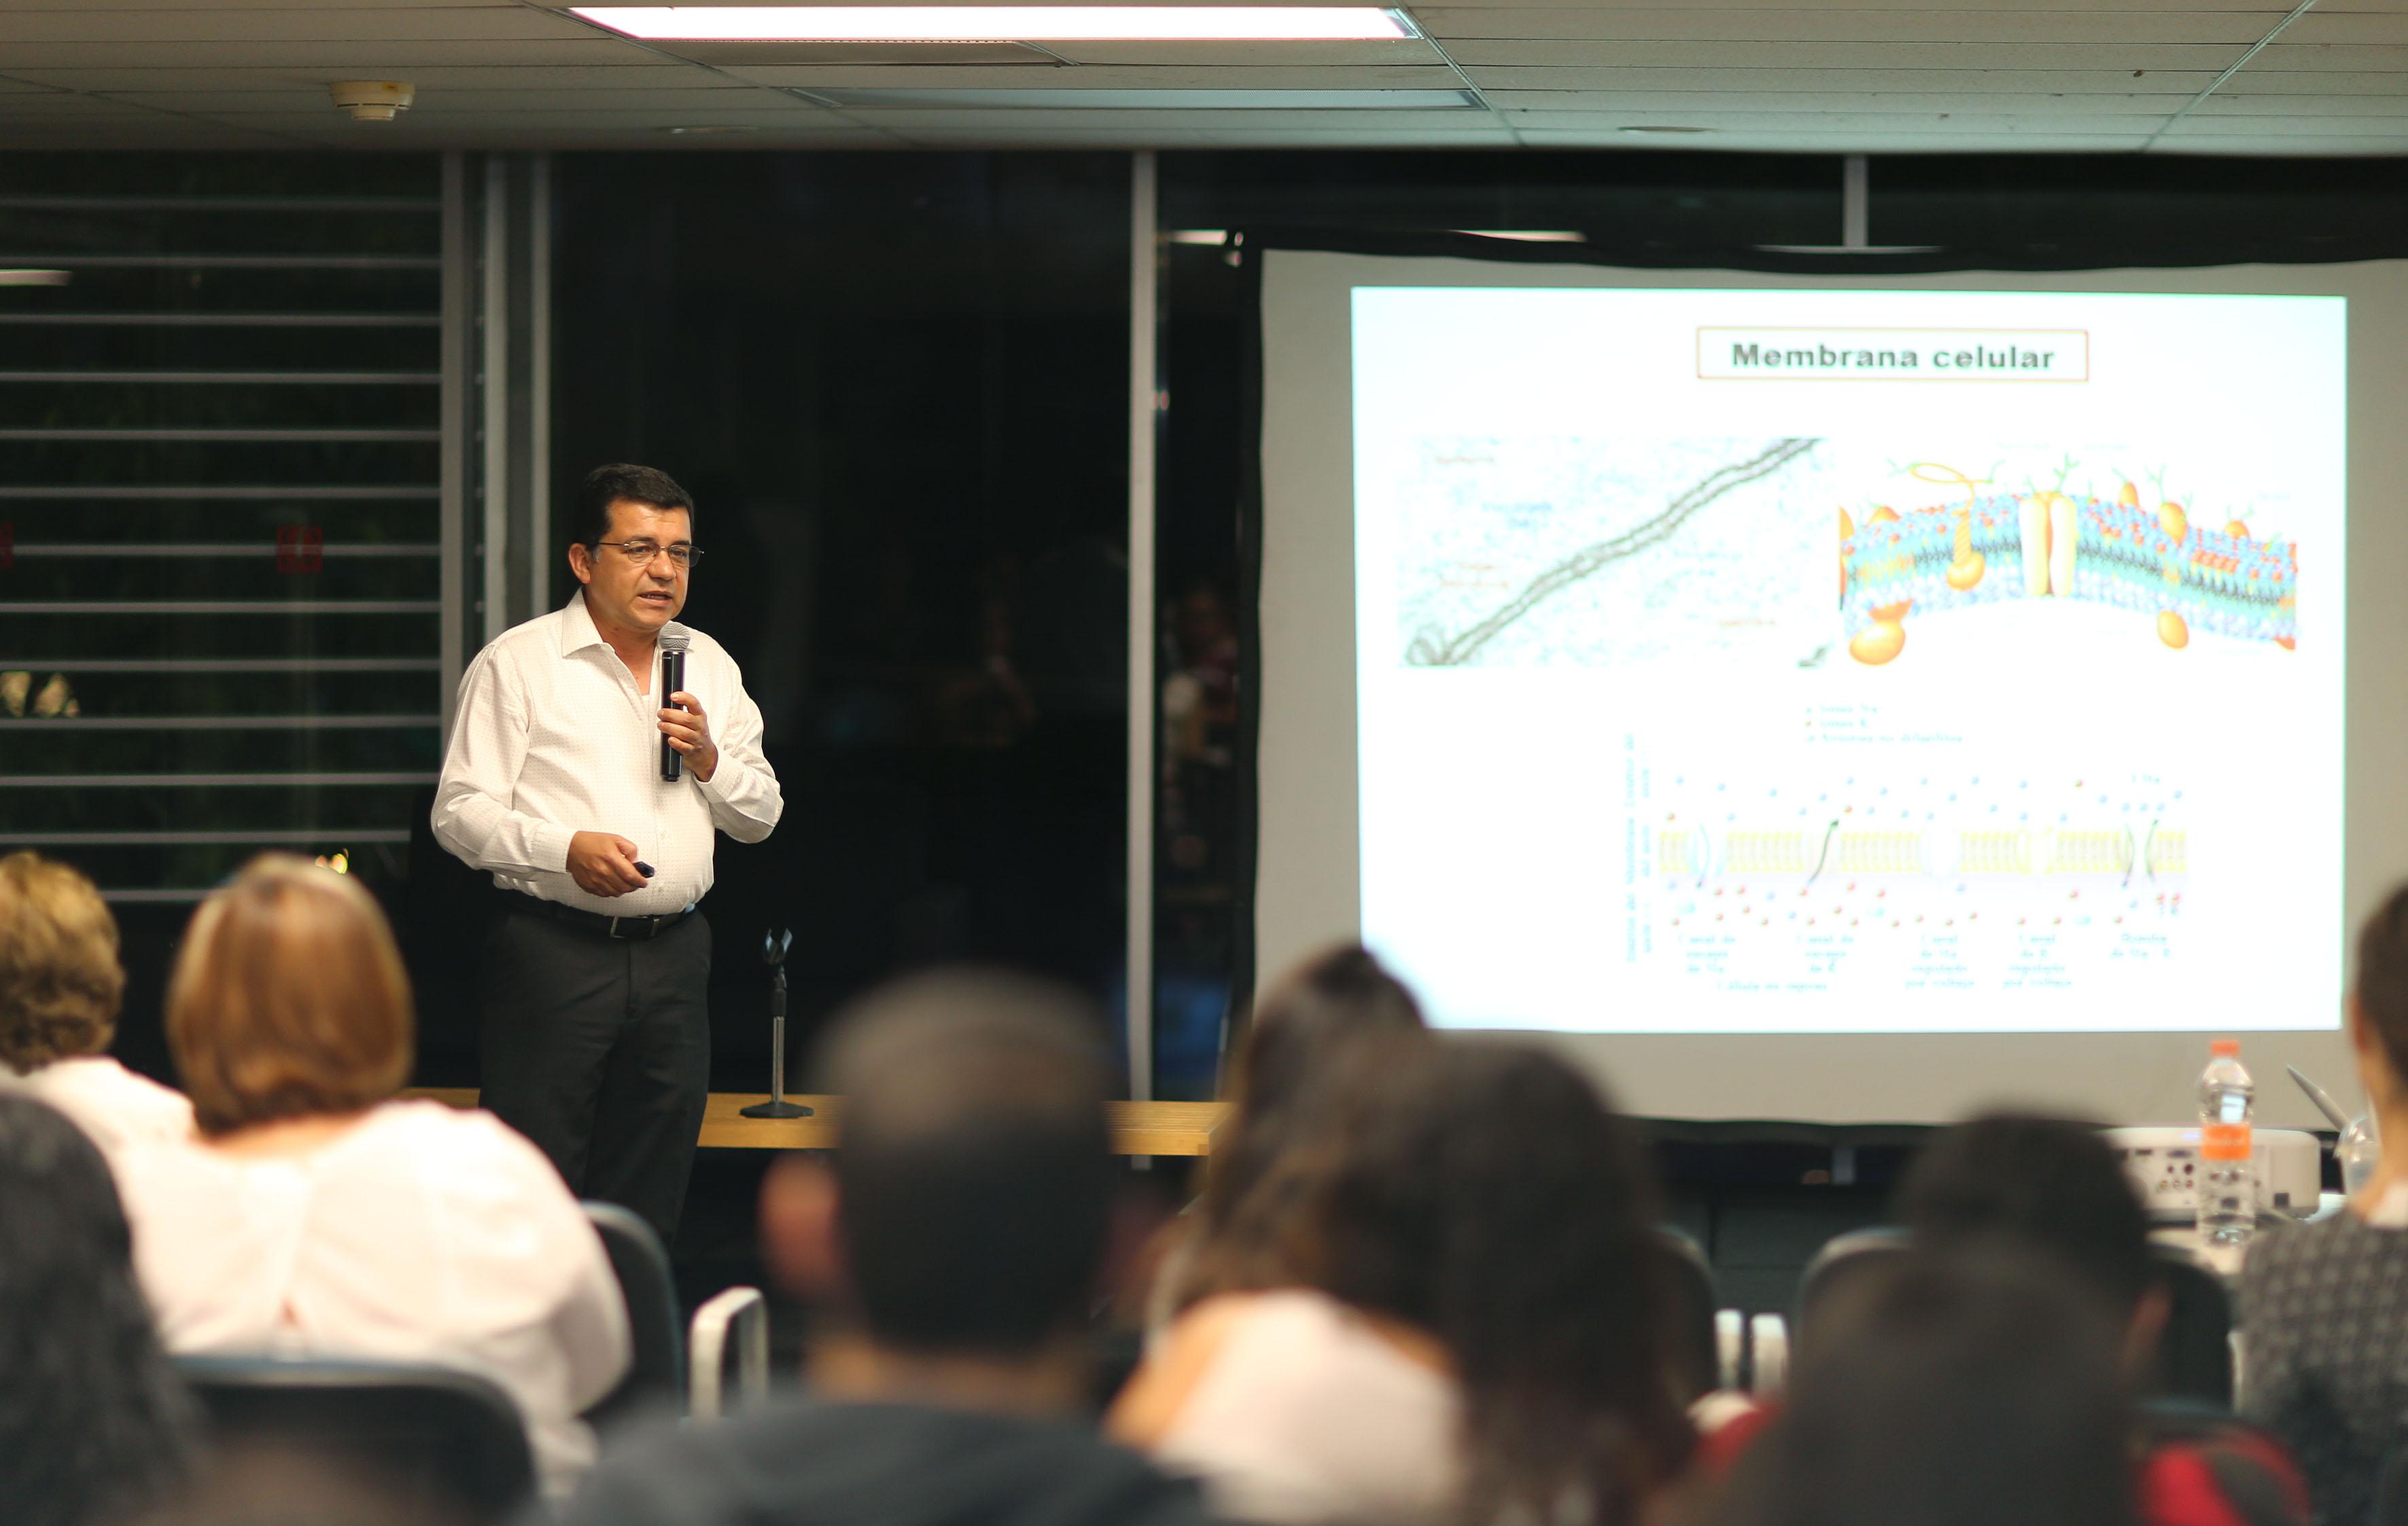 """Dr. Mario Alberto Ramírez Herrera, en el marco de la actividad """"Ciencia desde lo básico"""", que organiza el Centro Universitario de Ciencias Biológicas y Agropecuarias (CUCBA), en la librería José Luis Martínez del Fondo de Cultura Económica (FCE)."""